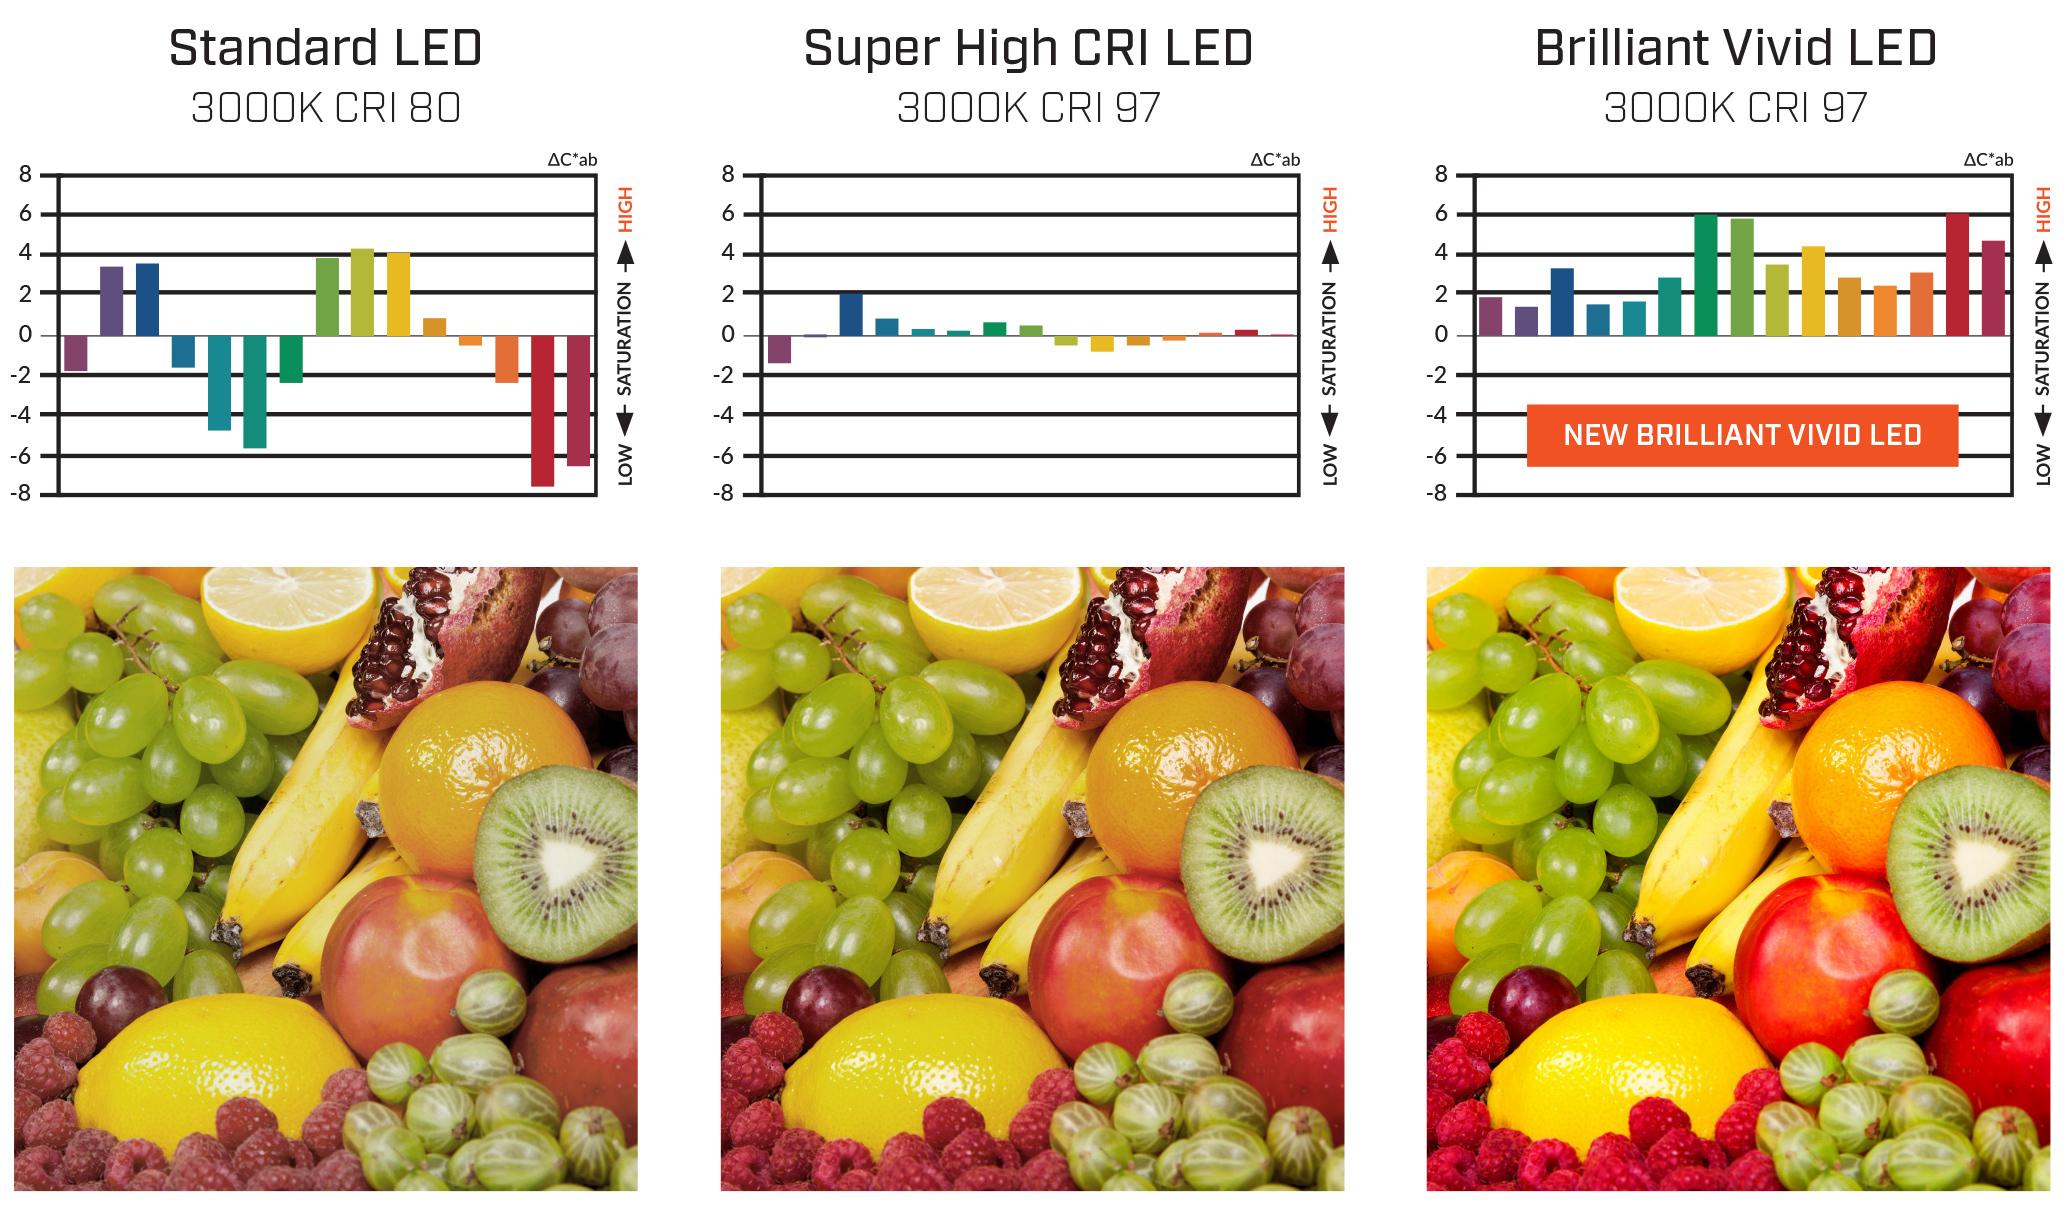 Vivid-Article-CRI-Comparision-Images.jpg#asset:5081